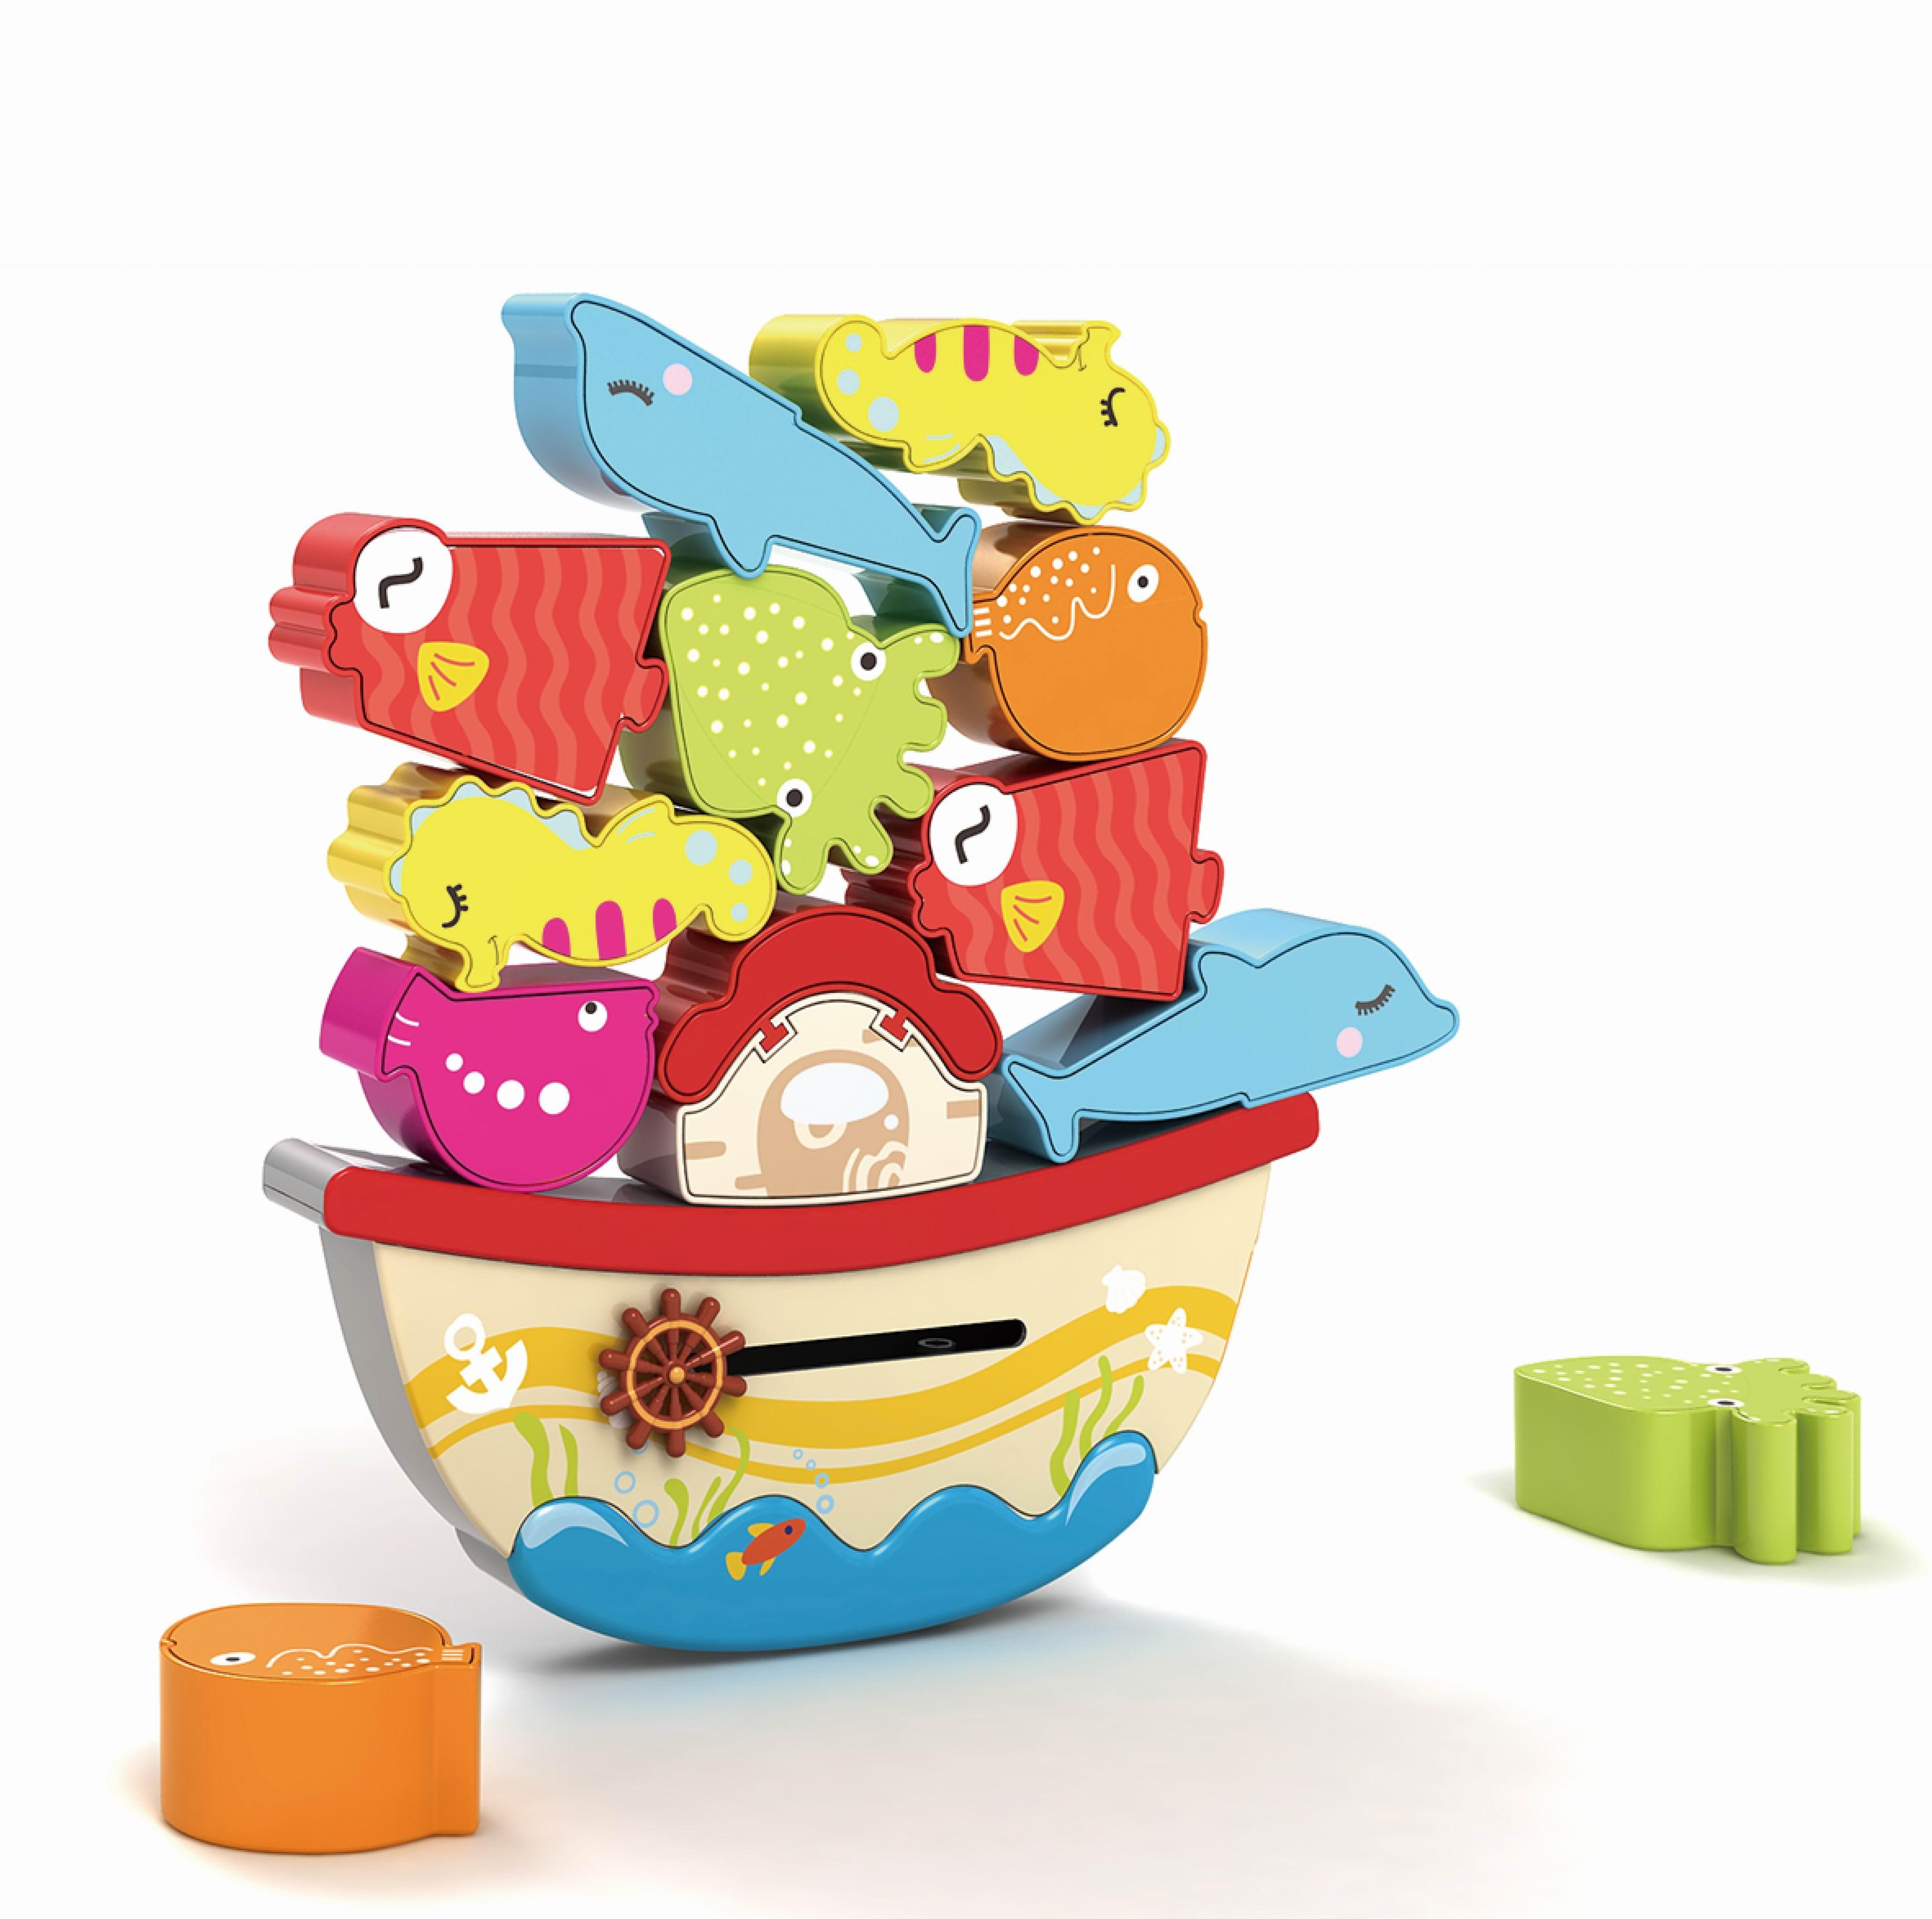 Купить Деревянные игрушки, Морской мир, Жирафики, Китай, Мультиколор